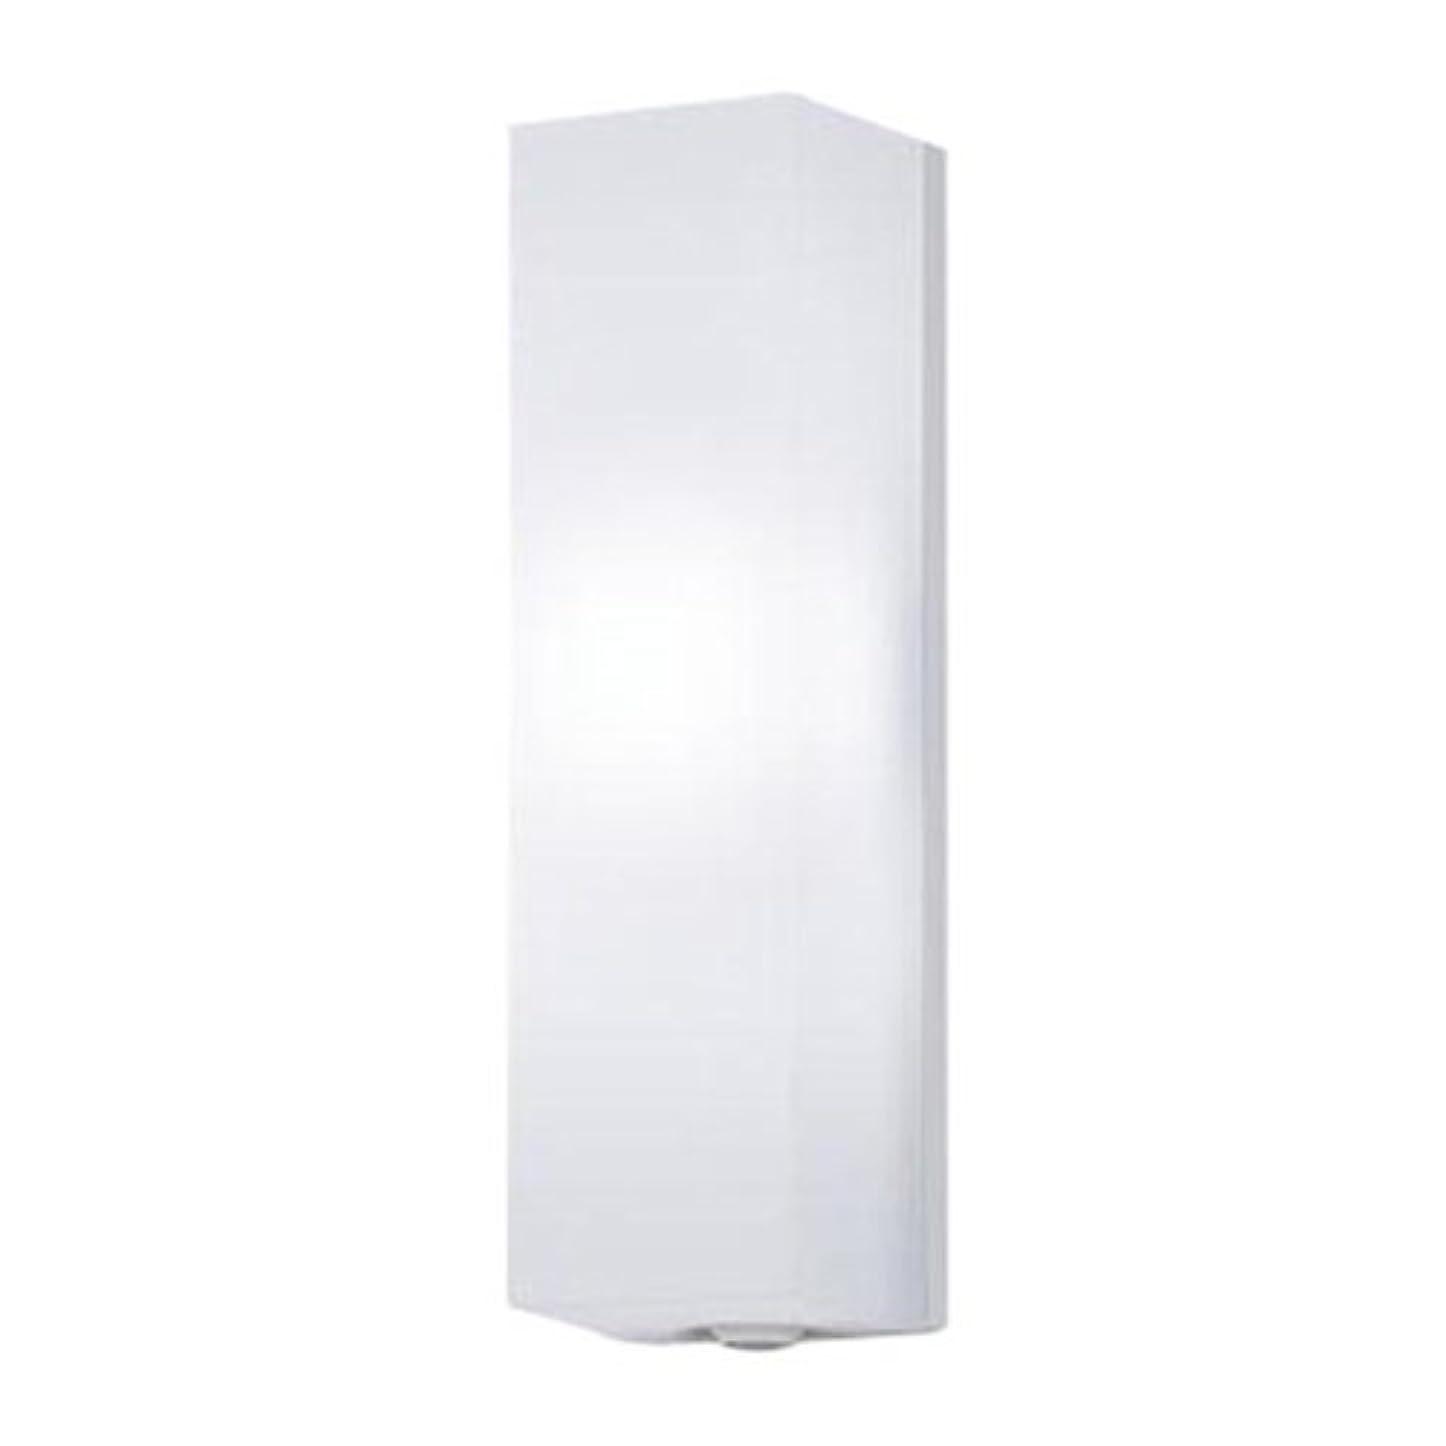 実装する神秘的なプーノPanasonic LED ポーチライト 壁直付型 40形 昼白色 LGWC80290LE1